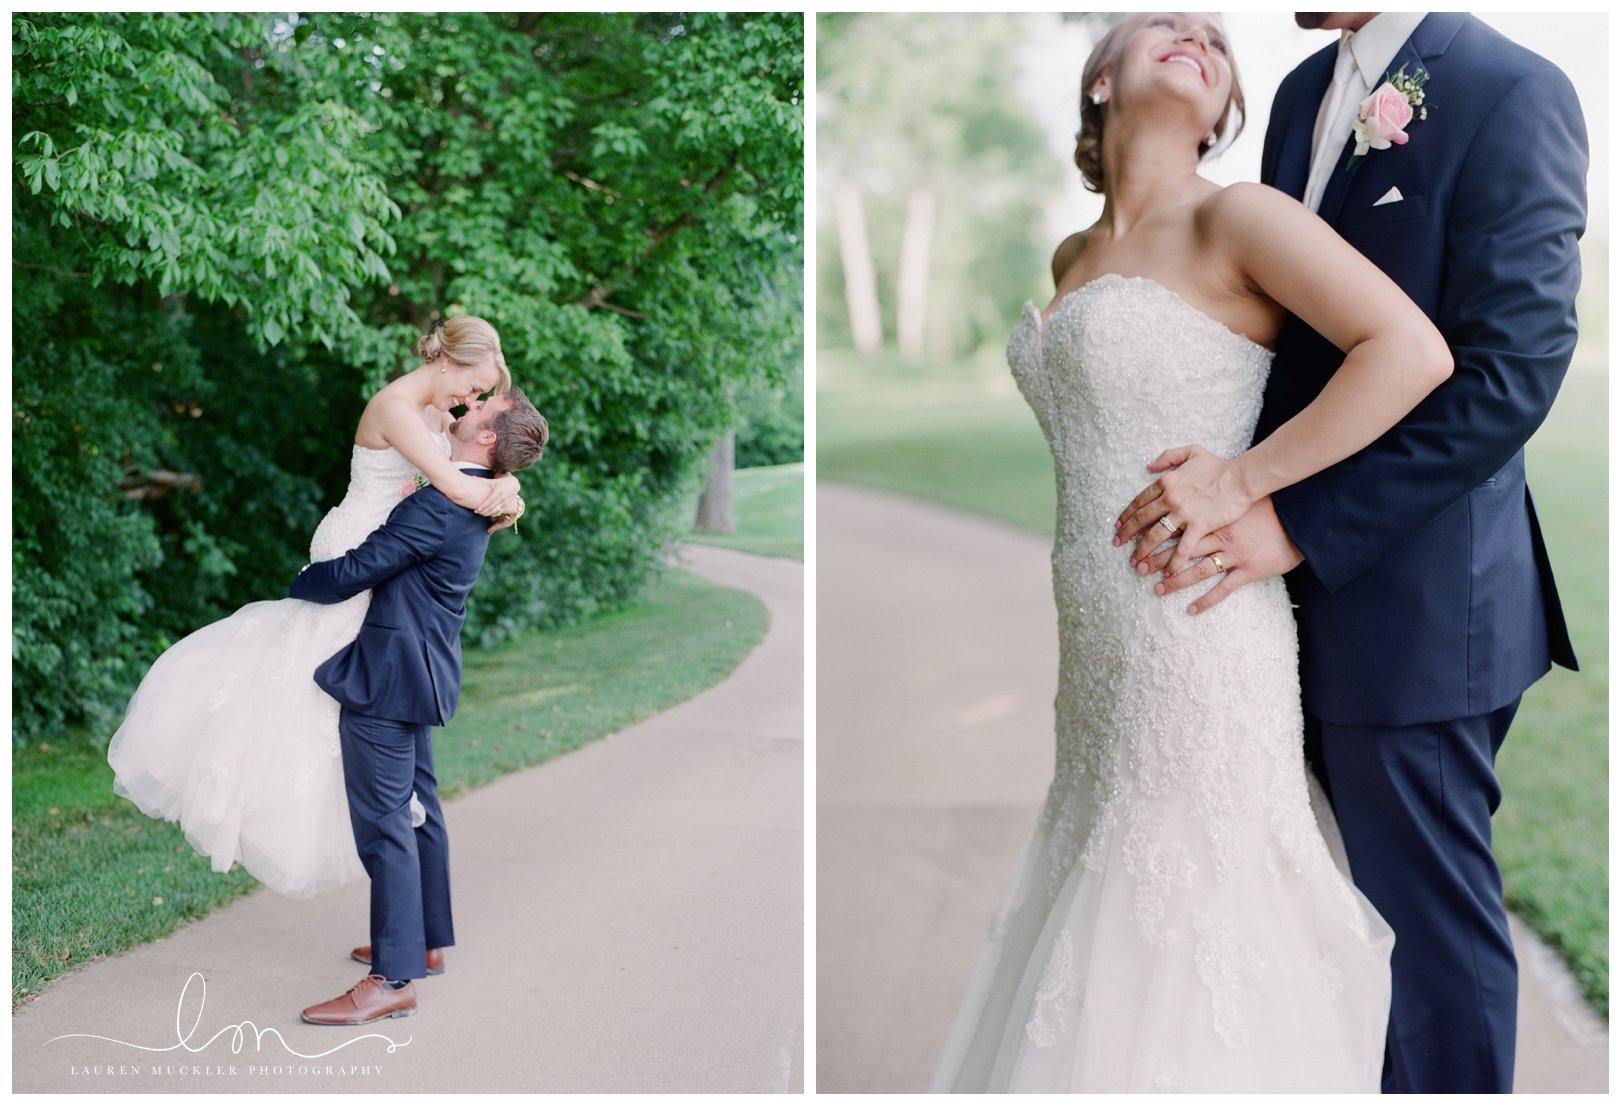 lauren muckler photography_fine art film wedding photography_st louis_photography_0398.jpg